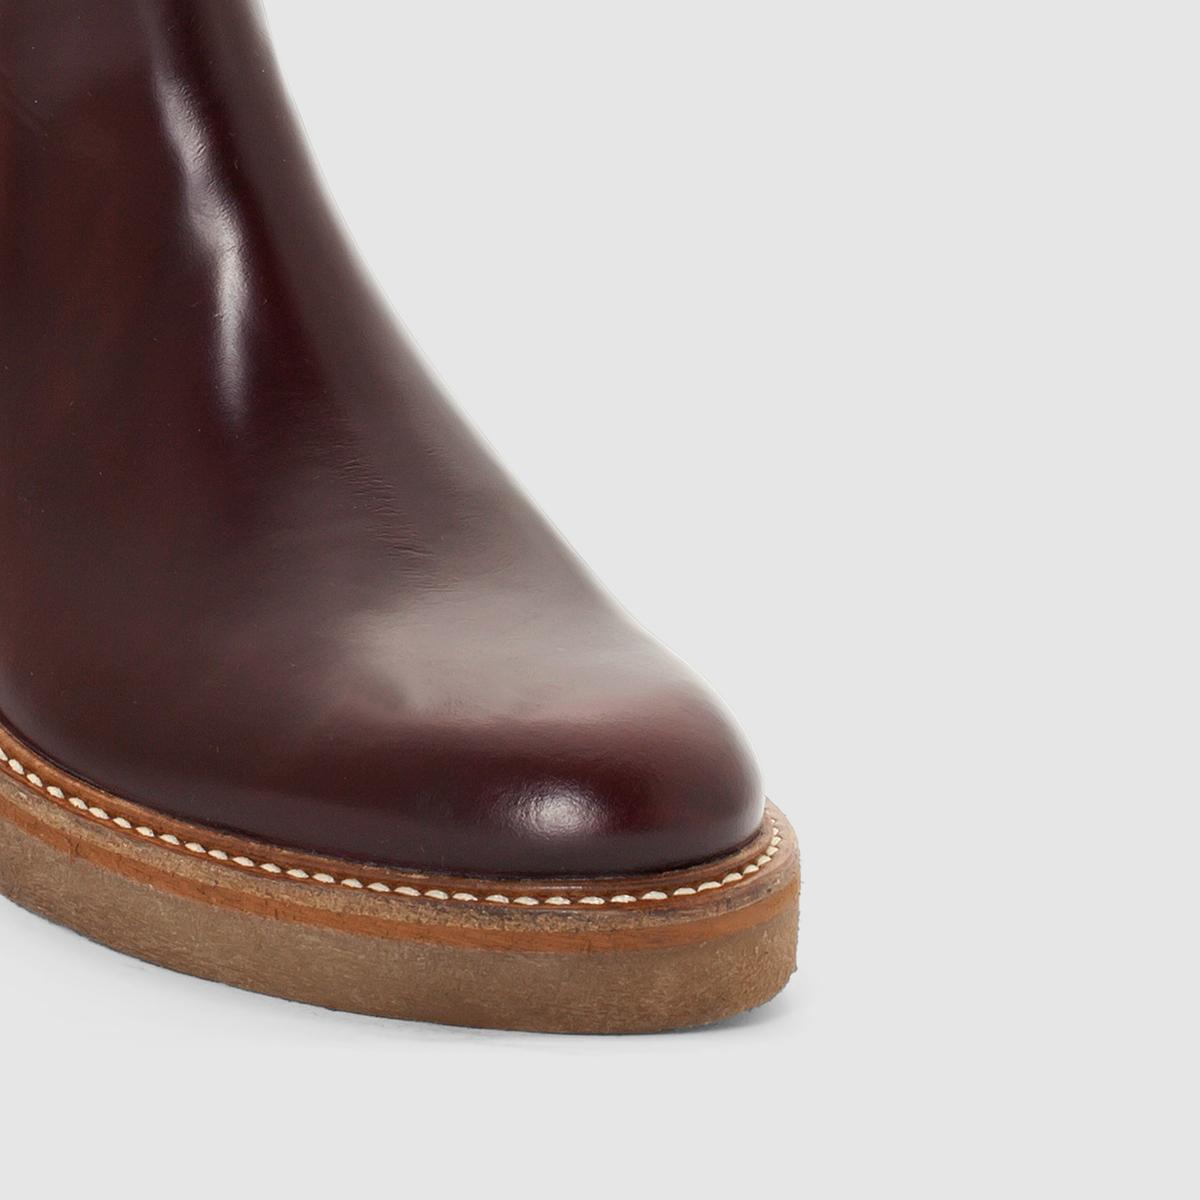 Imagen adicional 3 de producto de Botas de piel Oxfordchic - Kickers